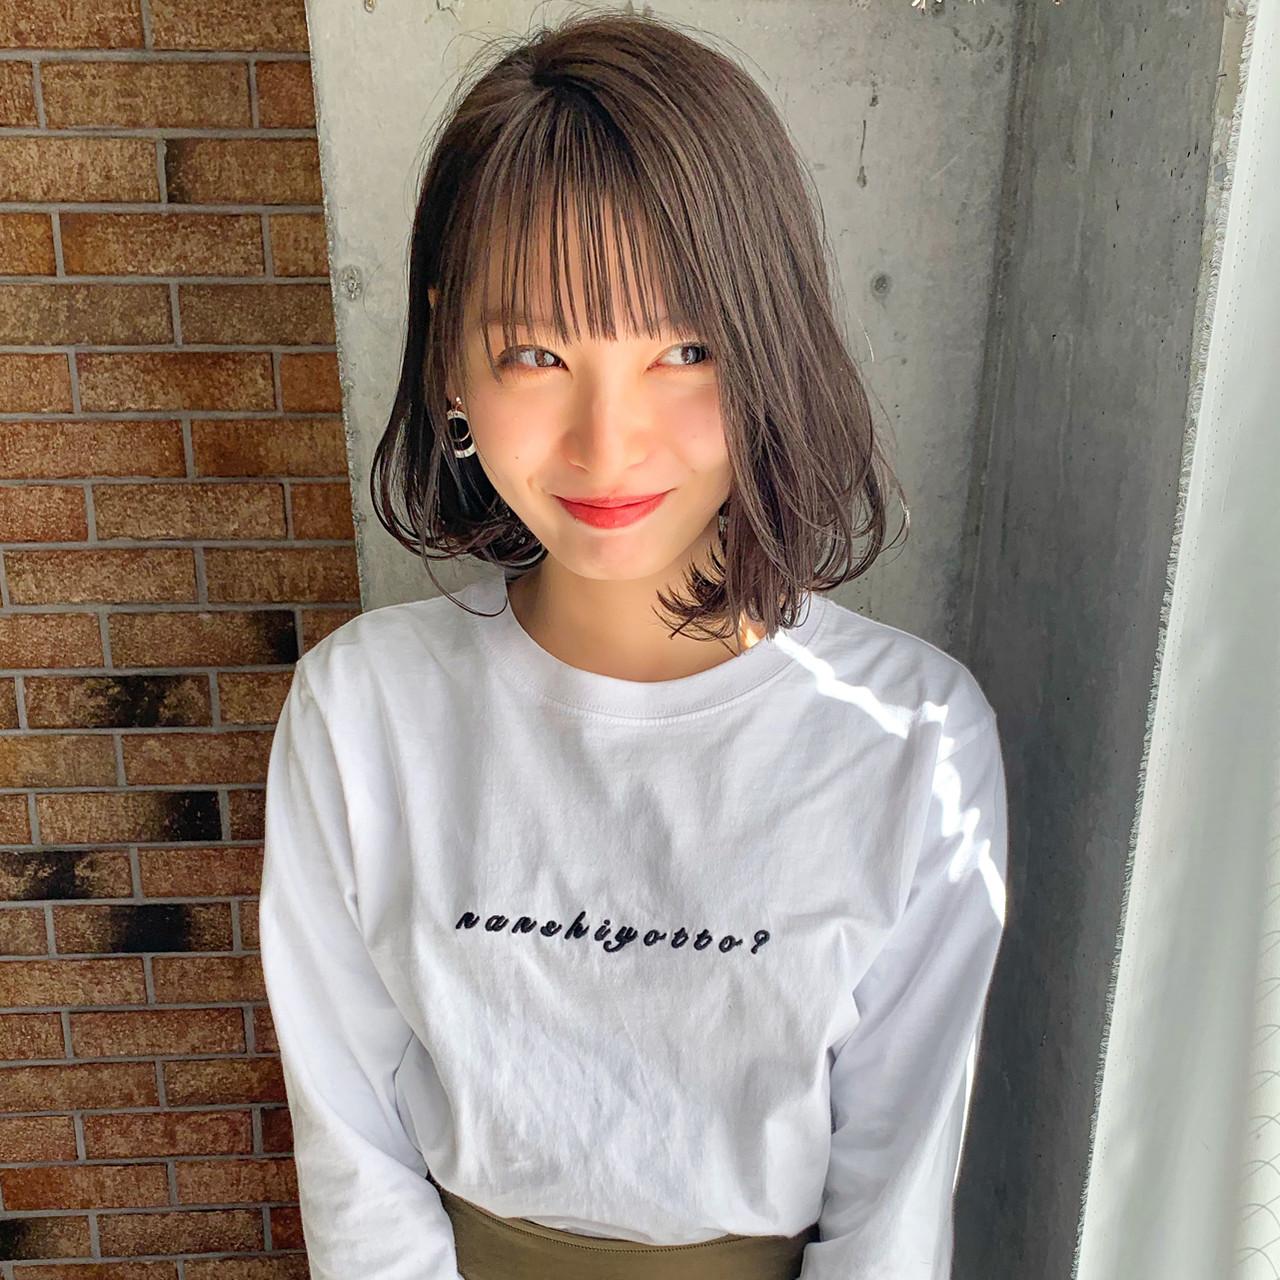 ボブ シースルーバング 小顔ショート ナチュラル ヘアスタイルや髪型の写真・画像   MANOHARU 新屋敷 / MANOHARU